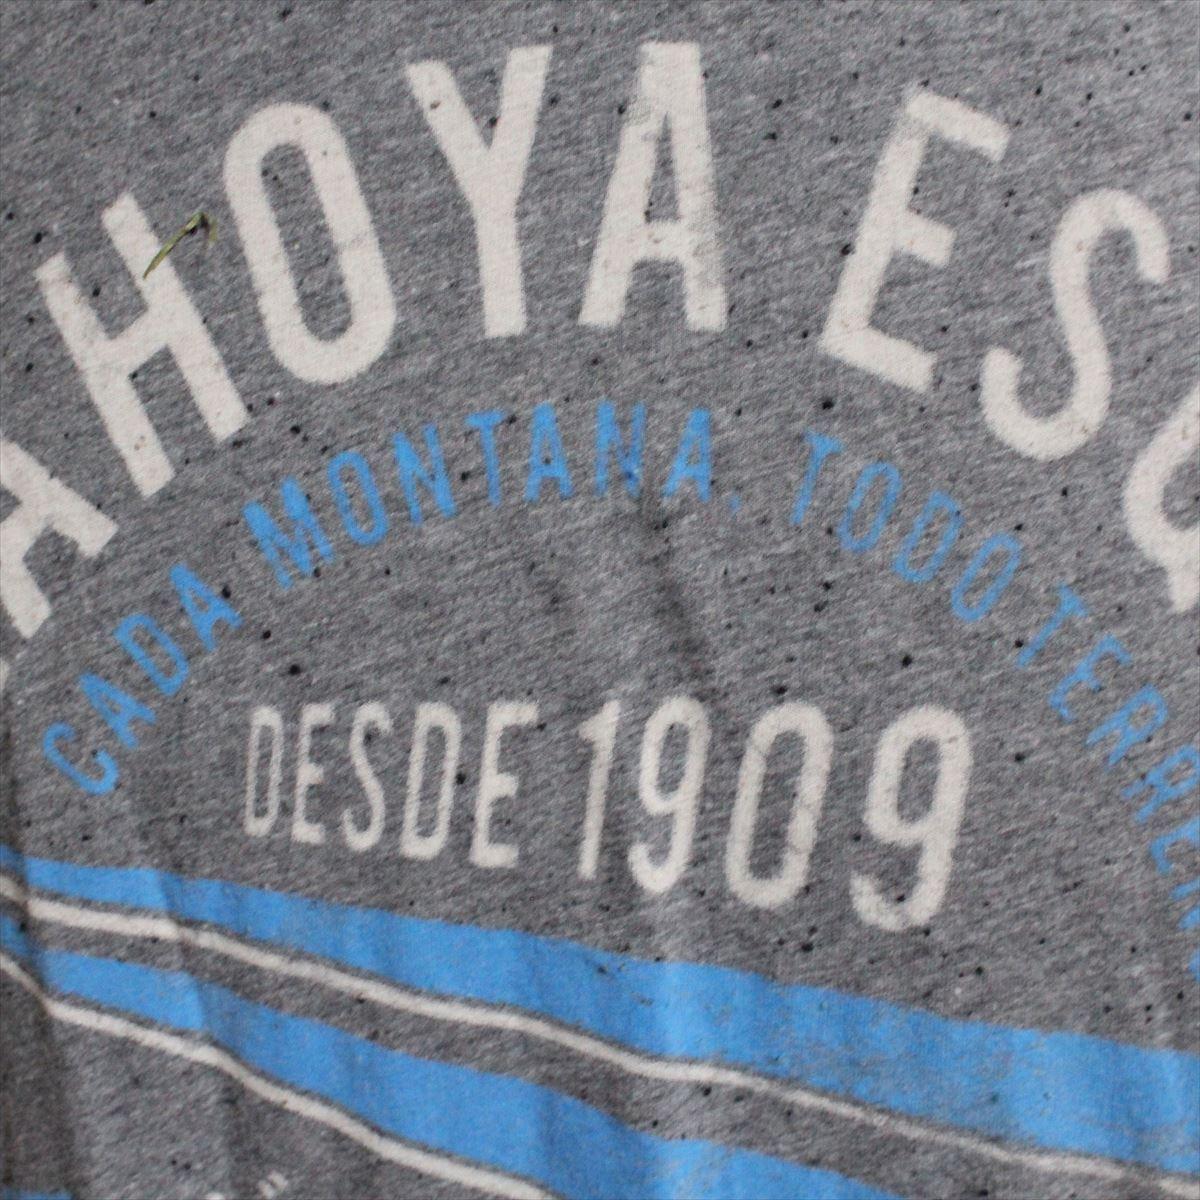 ゼインローブ ZANEROBE メンズ半袖Tシャツ グレー Sサイズ 新品 ESQUIL_画像2